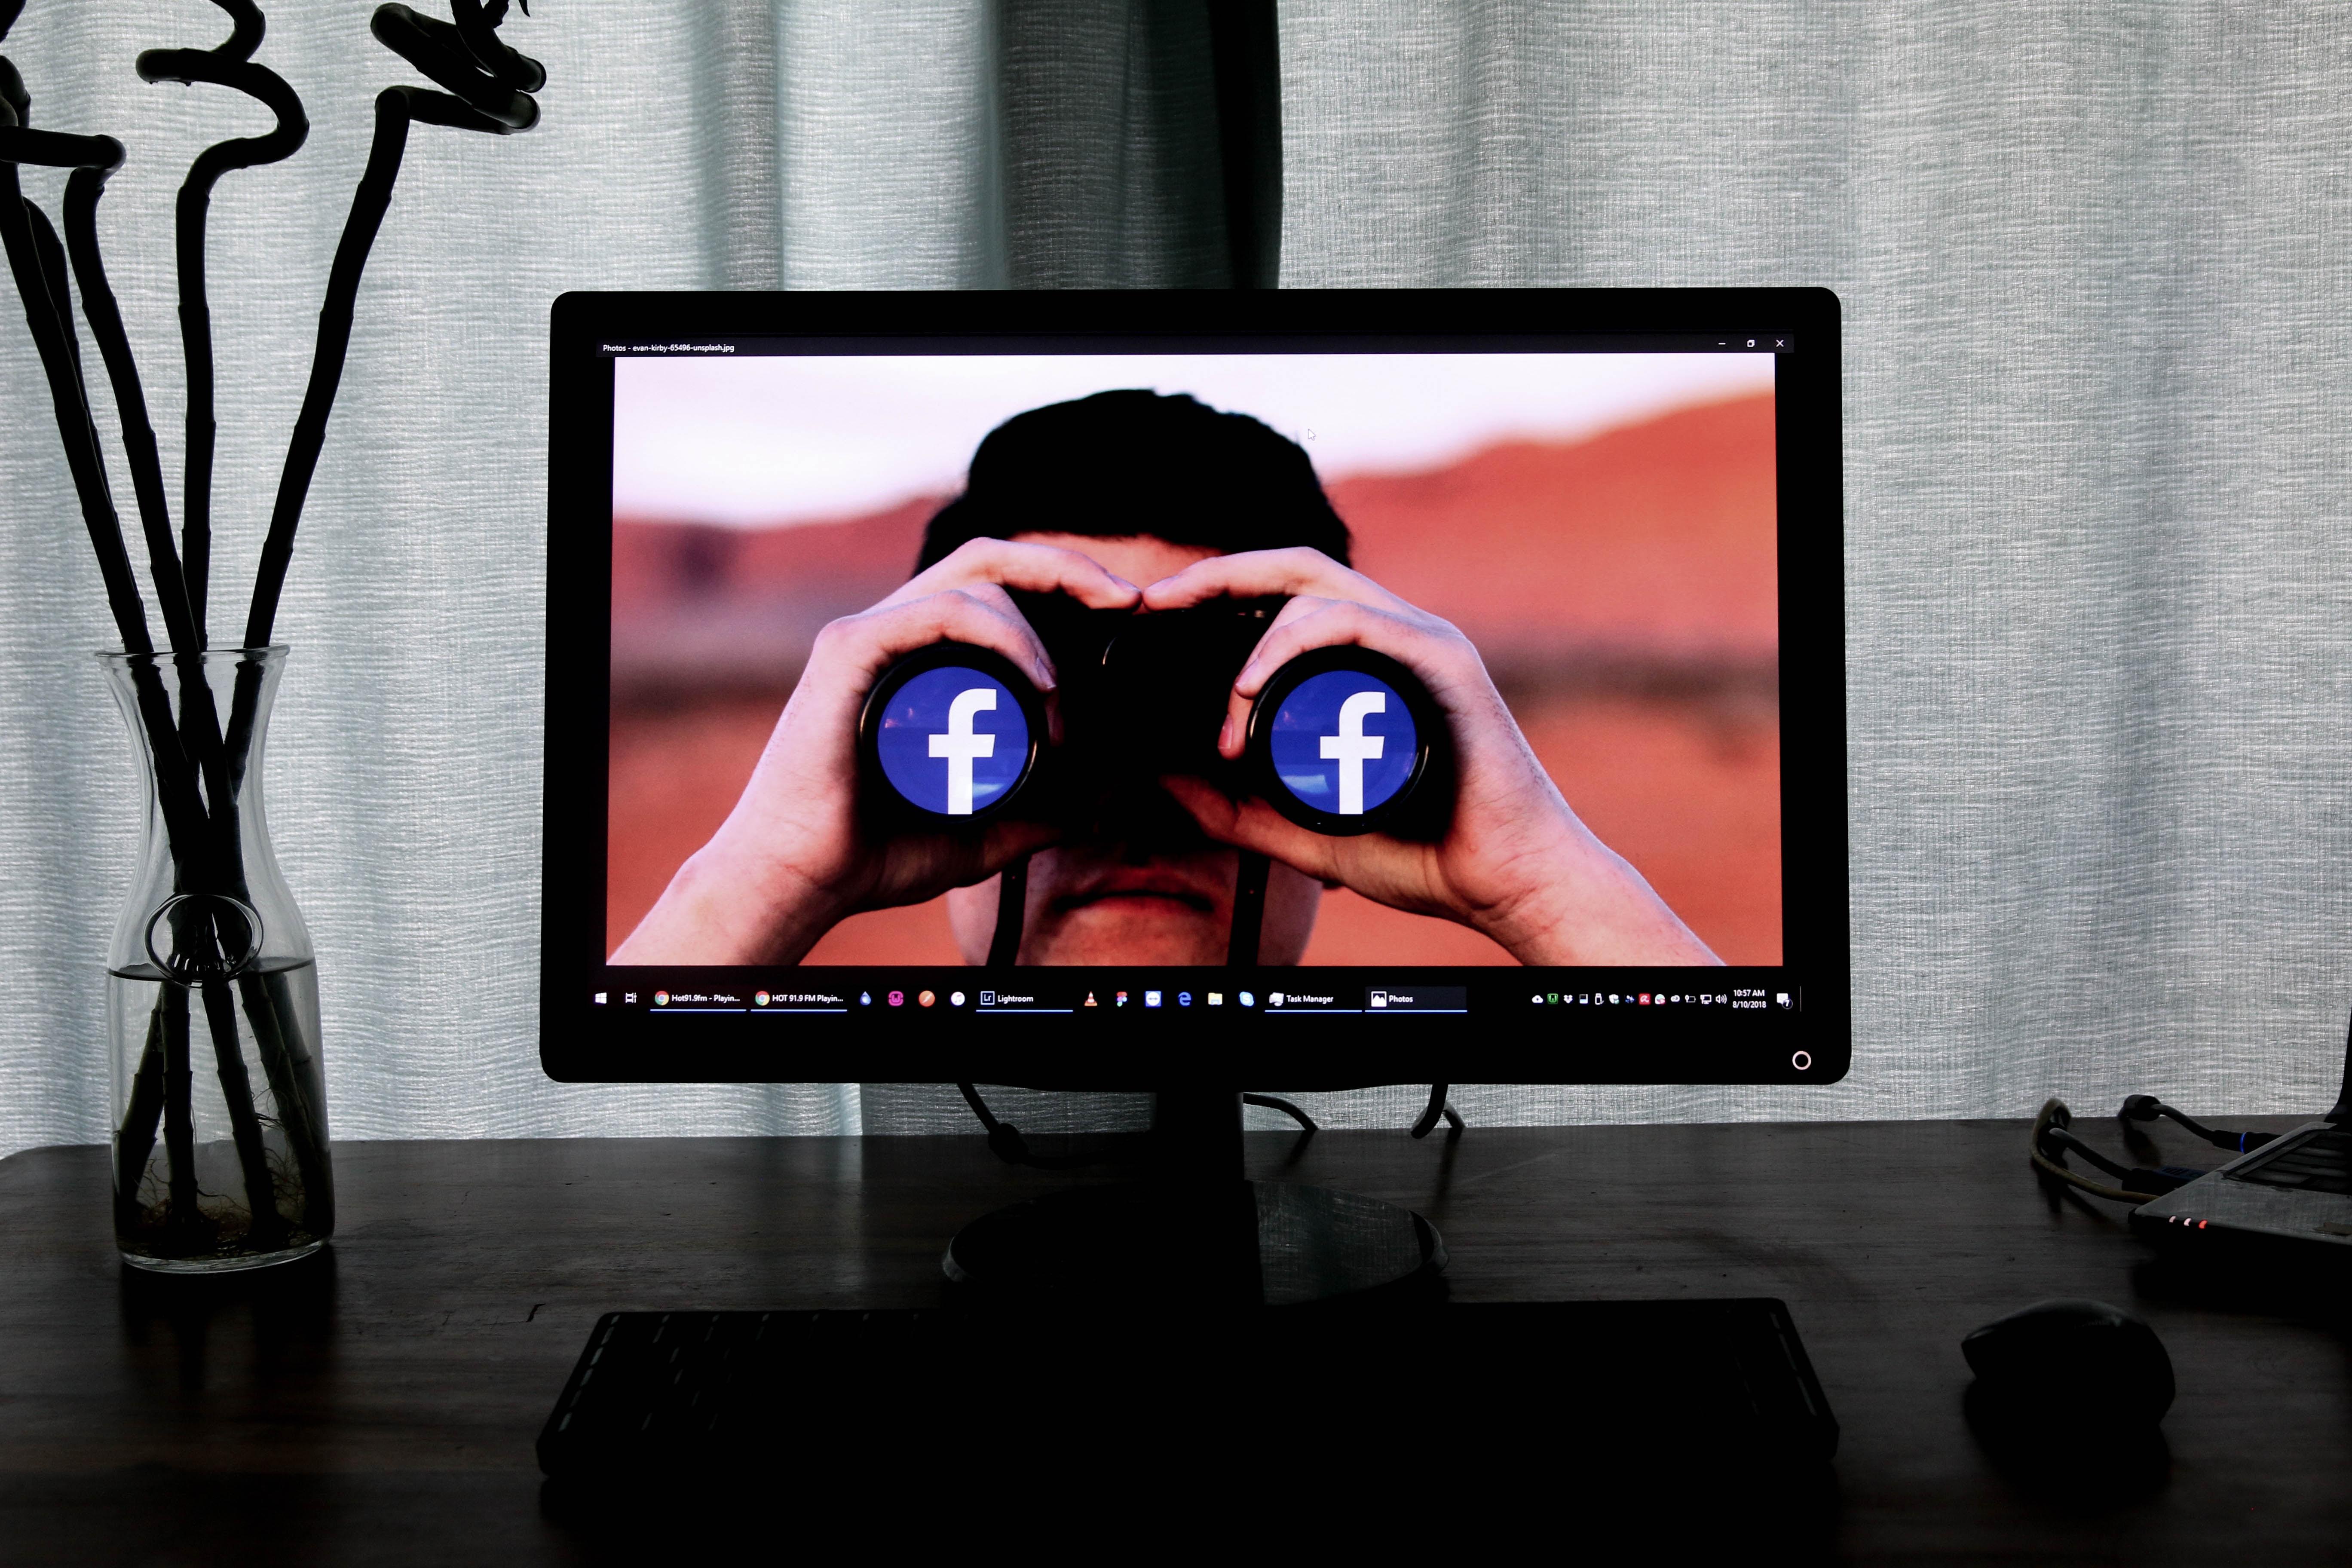 México de los países que más piden restringir contenidos en Facebook